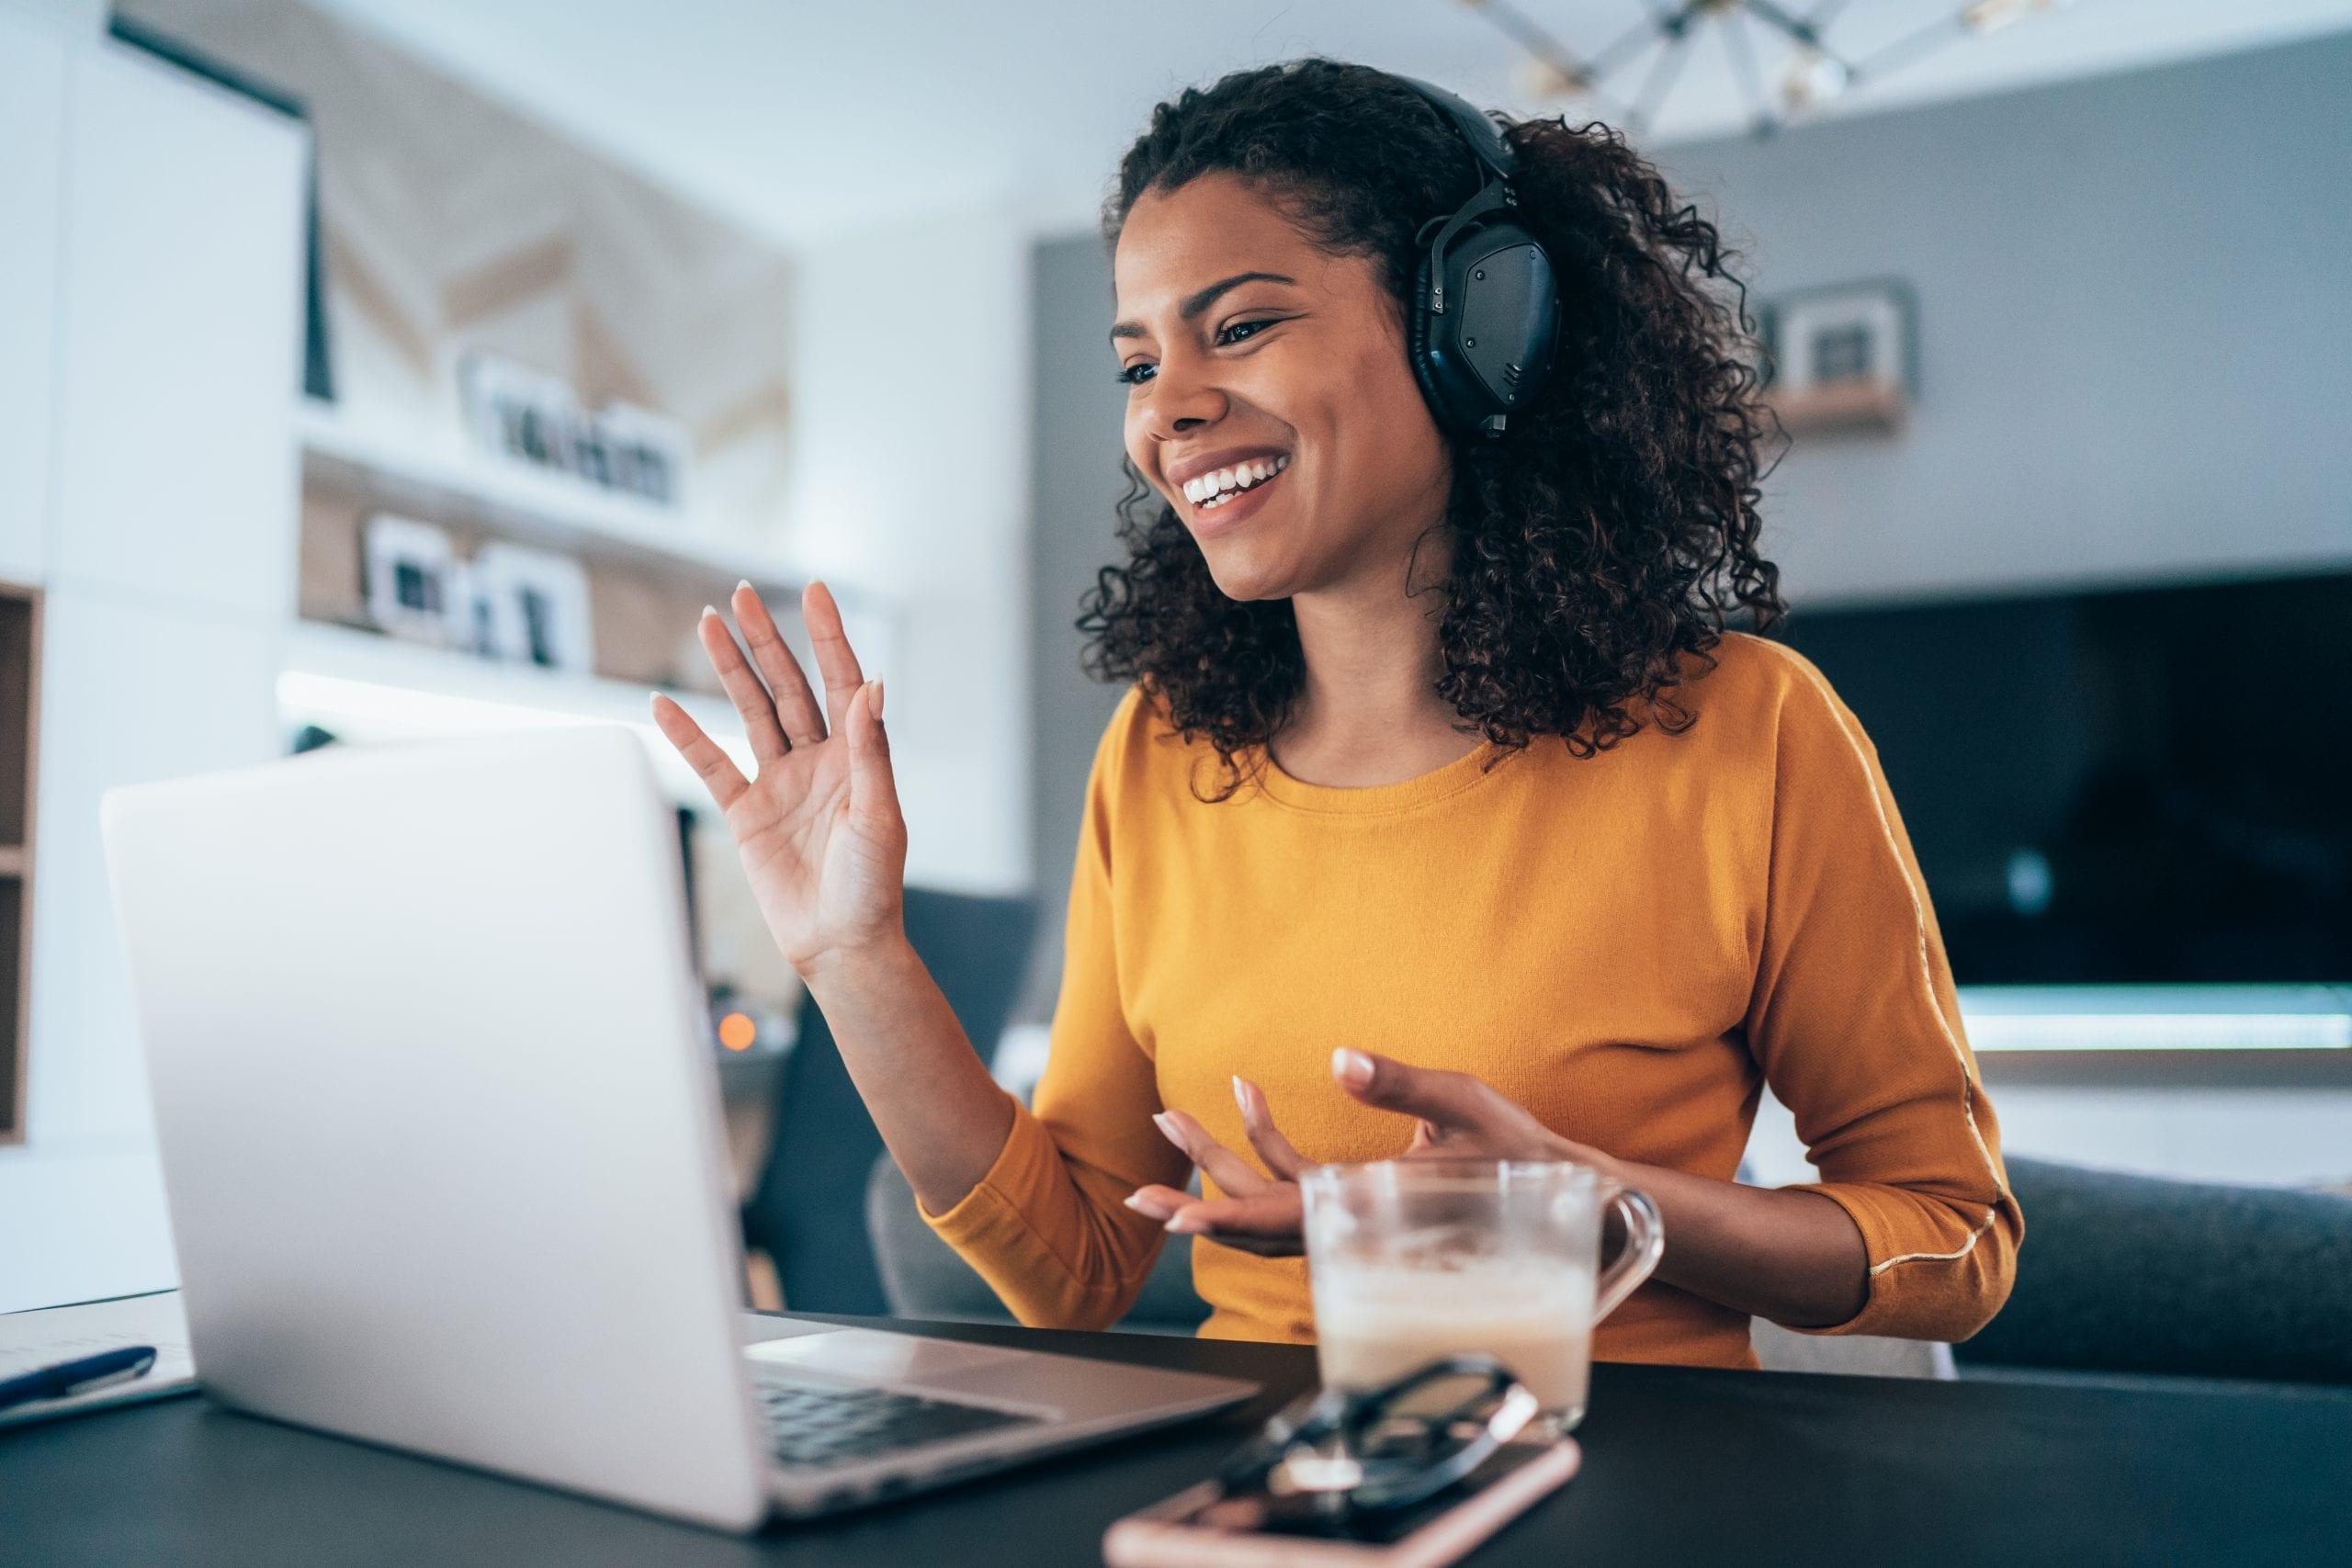 Réseauter en mode virtuel : des trucs testés et approuvés